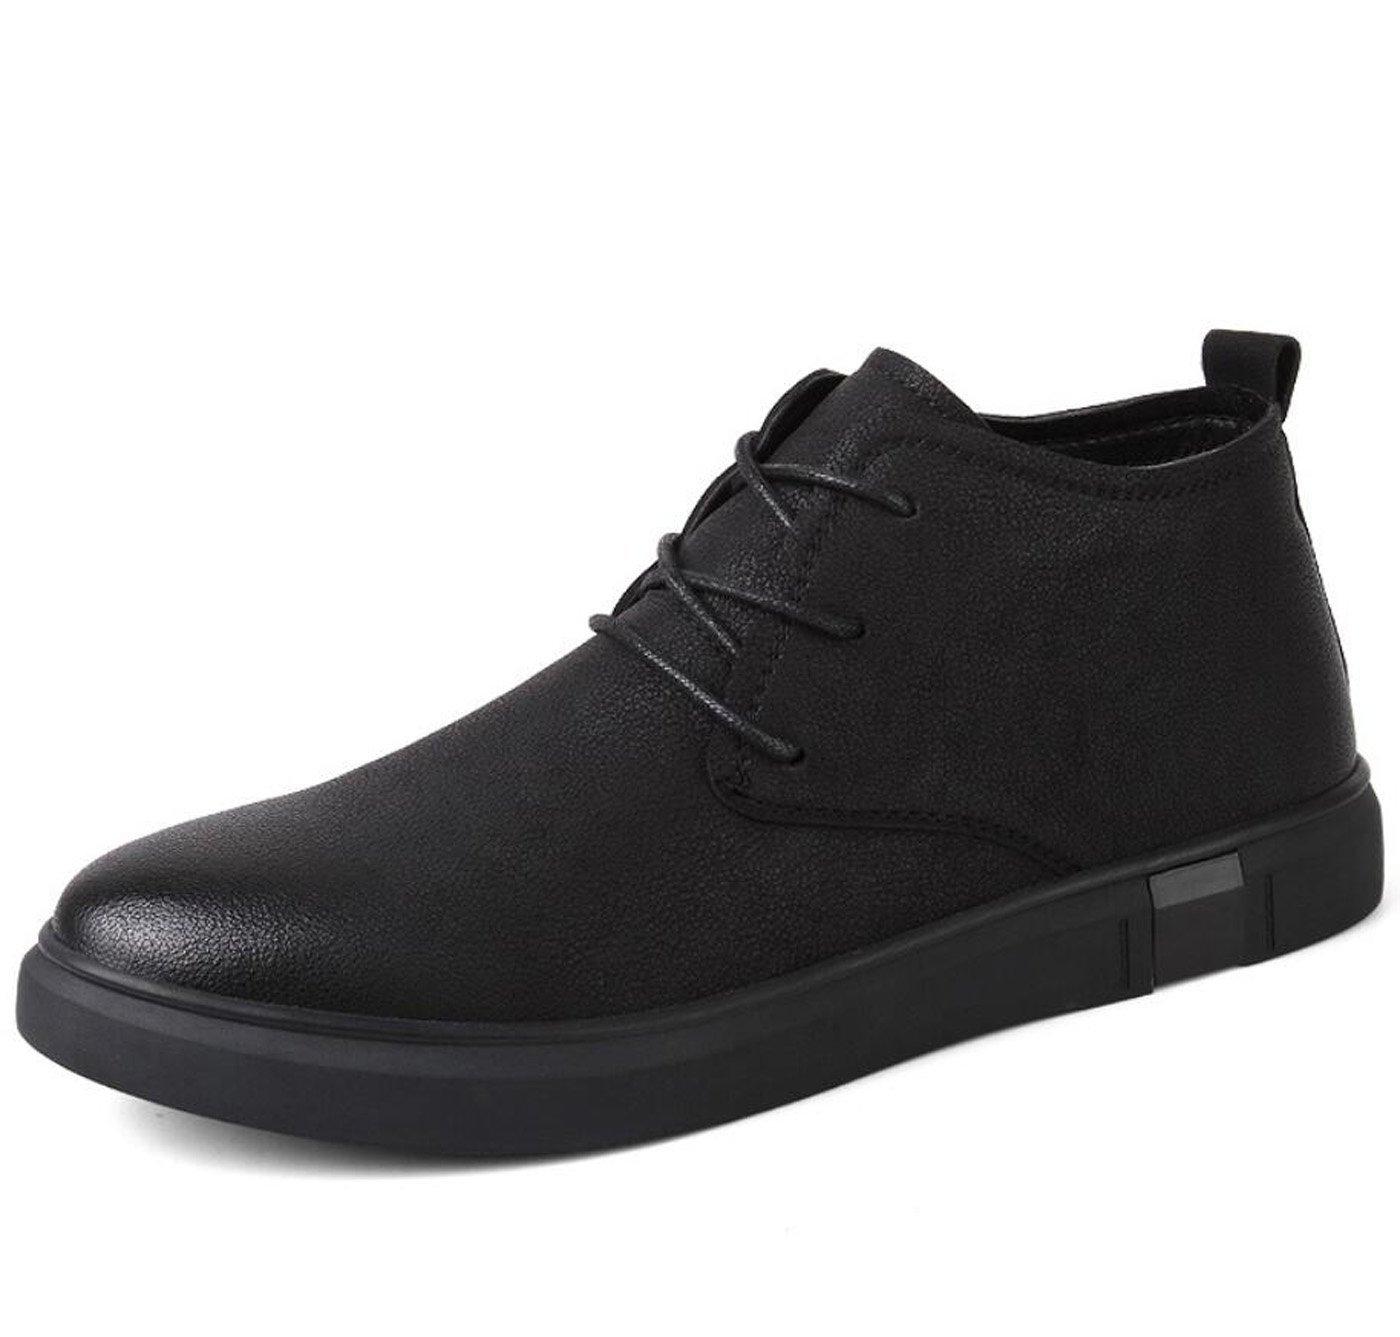 DANDANJIE Zapatos De Los Hombres De Terciopelo Caliente De Algodón Zapatos 2018 Otoño E Invierno Modelos Hechos A Mano Botas De Cuero Casual,Black,38EU 38EU|Black